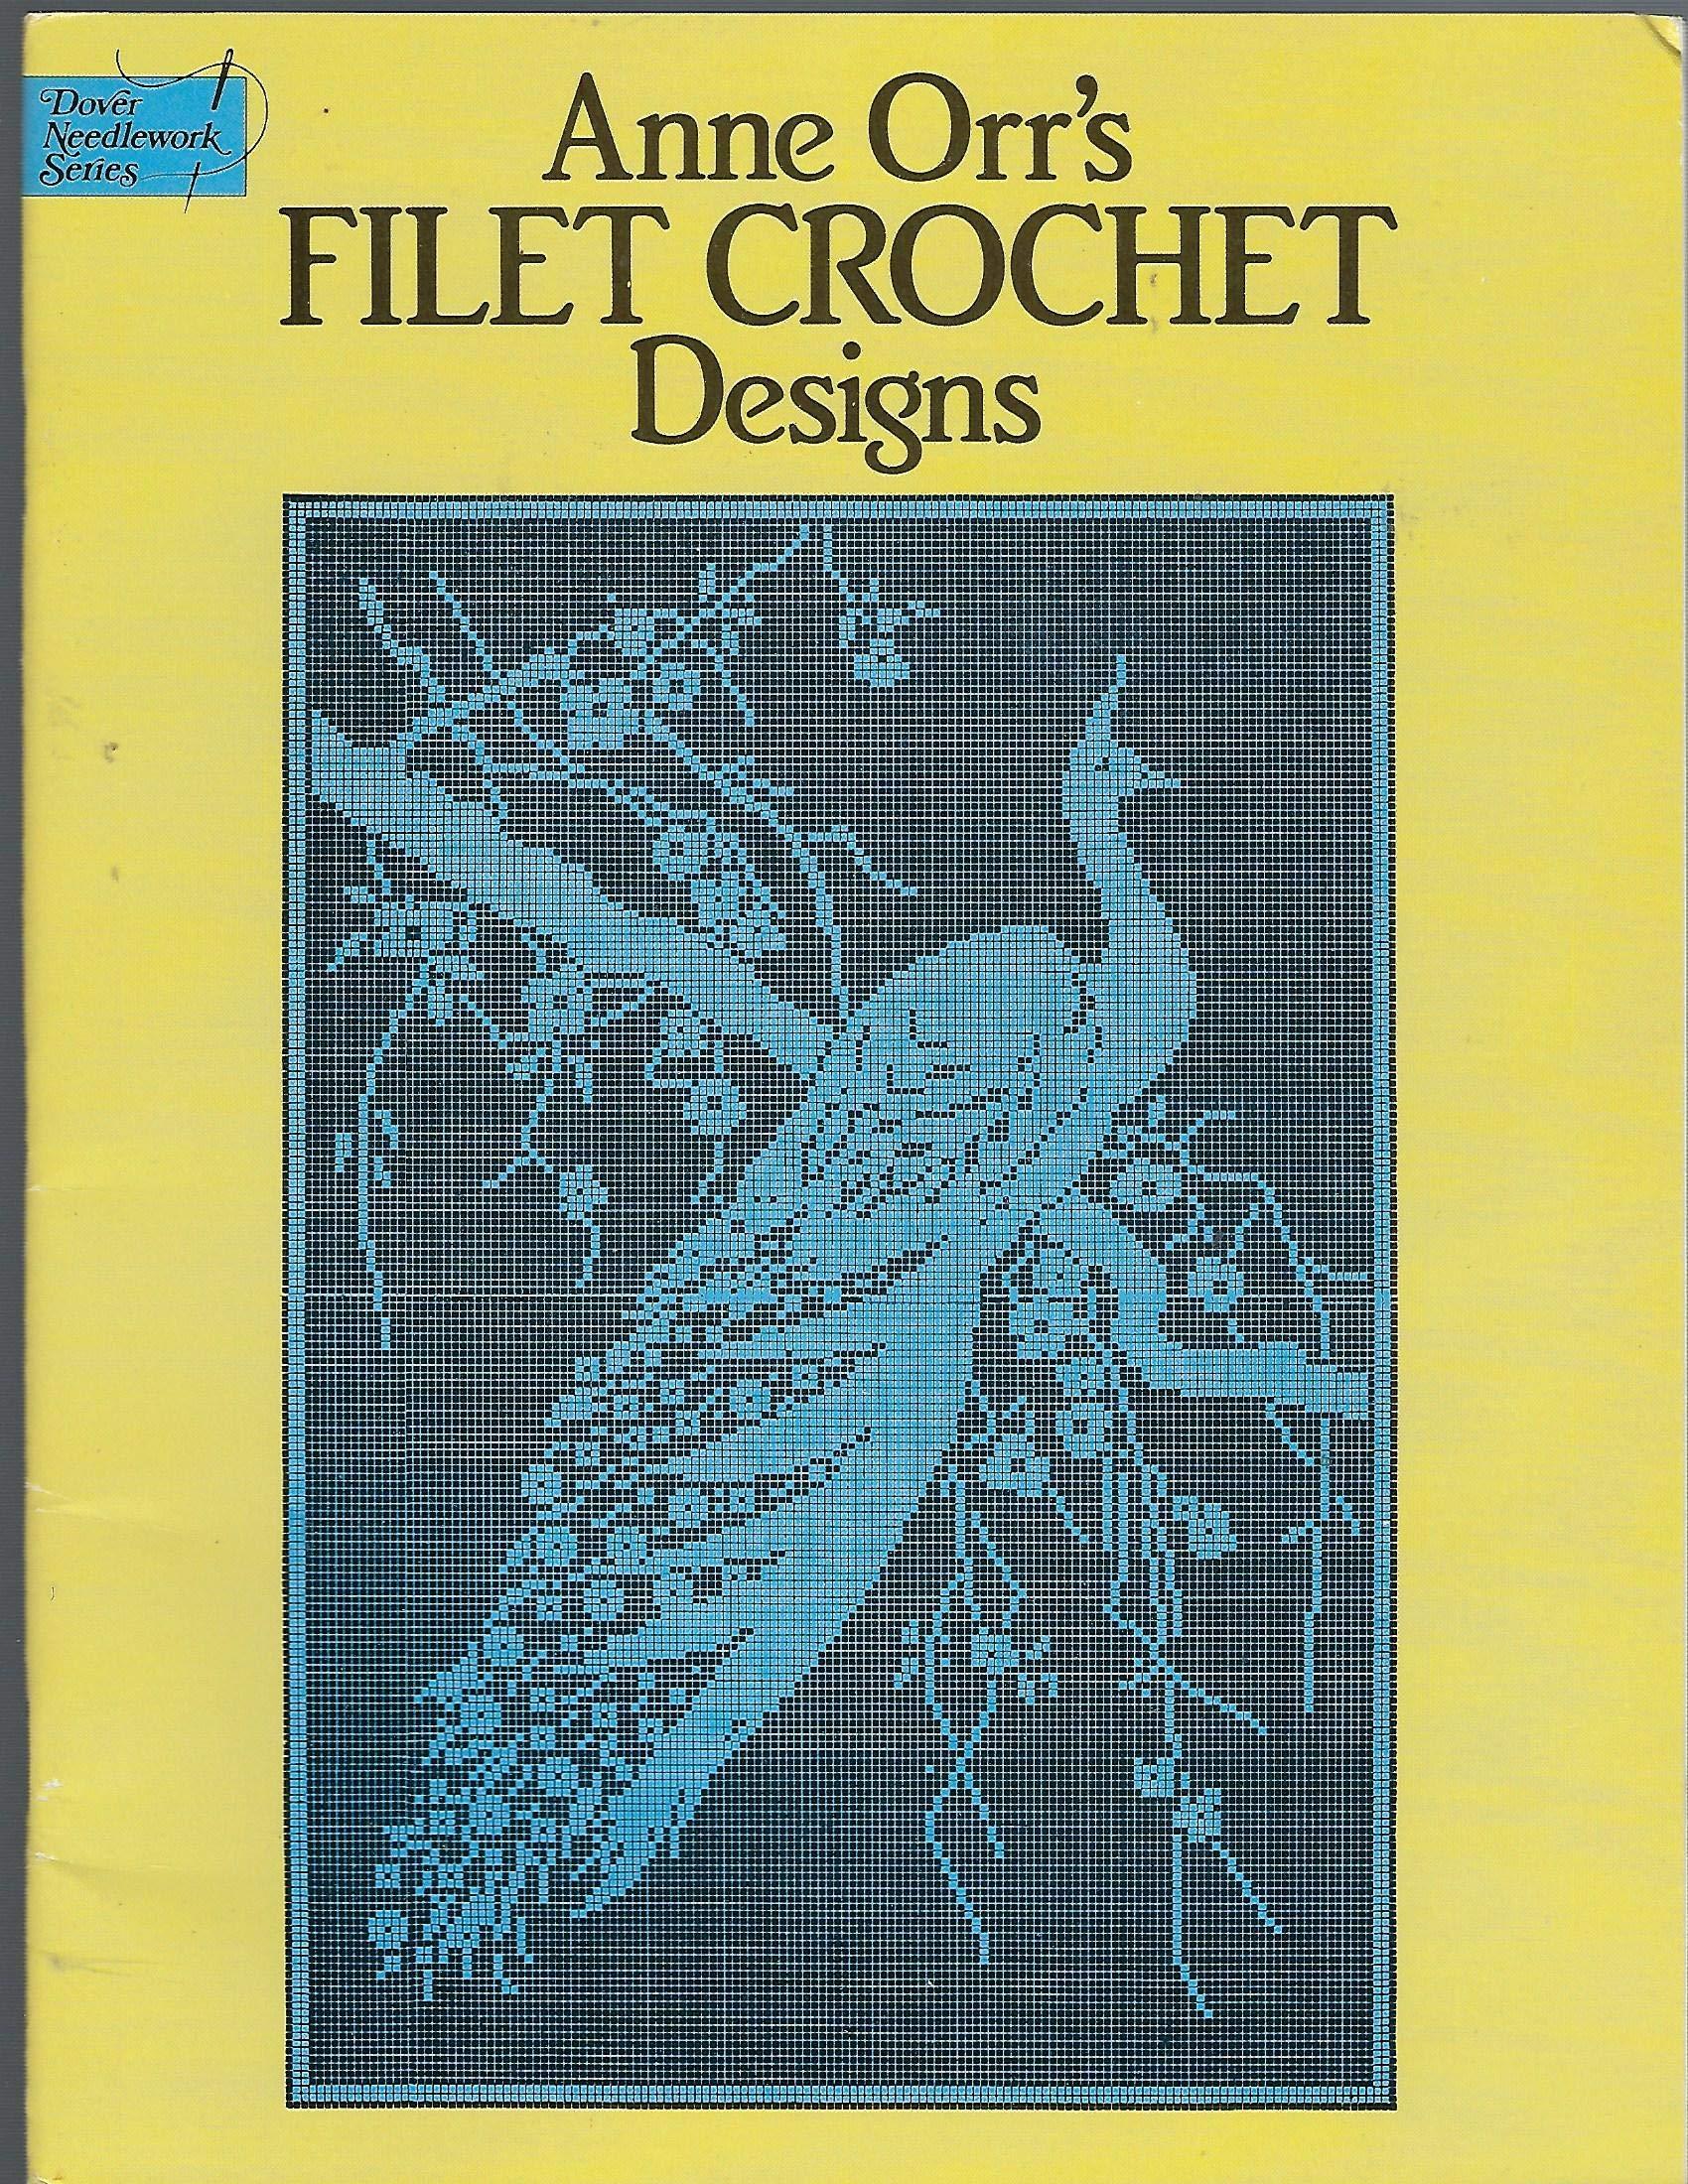 Anne Orr's Filet Crochet Designs (Dover Needlework Series): Anne Orr:  9780486251035: Amazon.com: Books